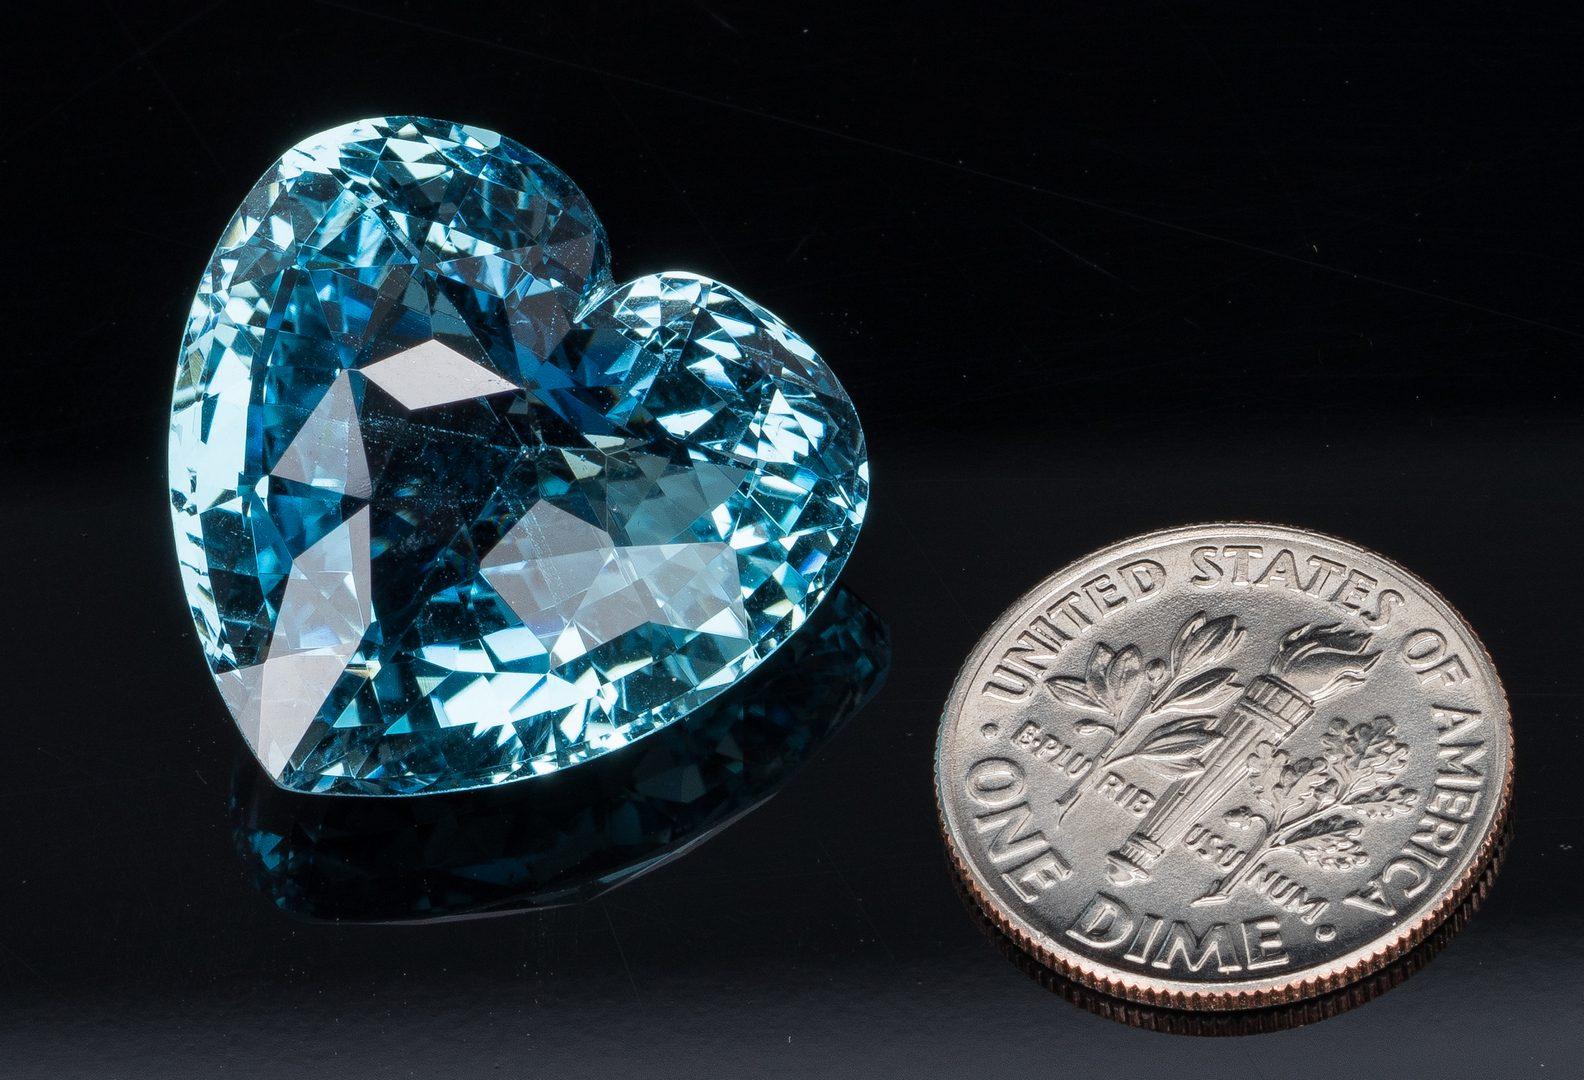 Lot 41: 29 ct Aquamarine Diamond Pendant, GIA